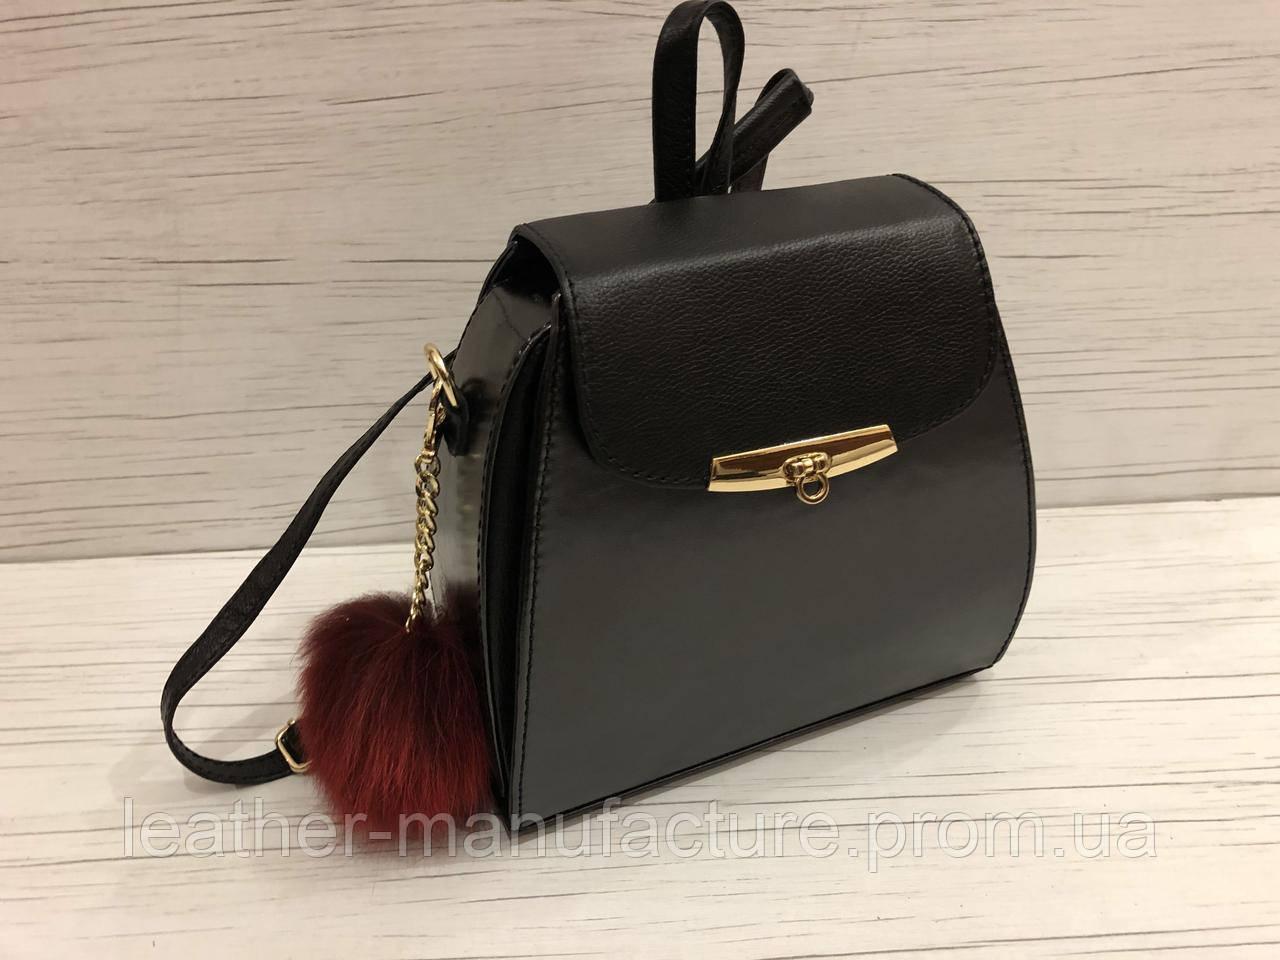 Жіночий каркасний рюкзак dfbfb2a8d850b